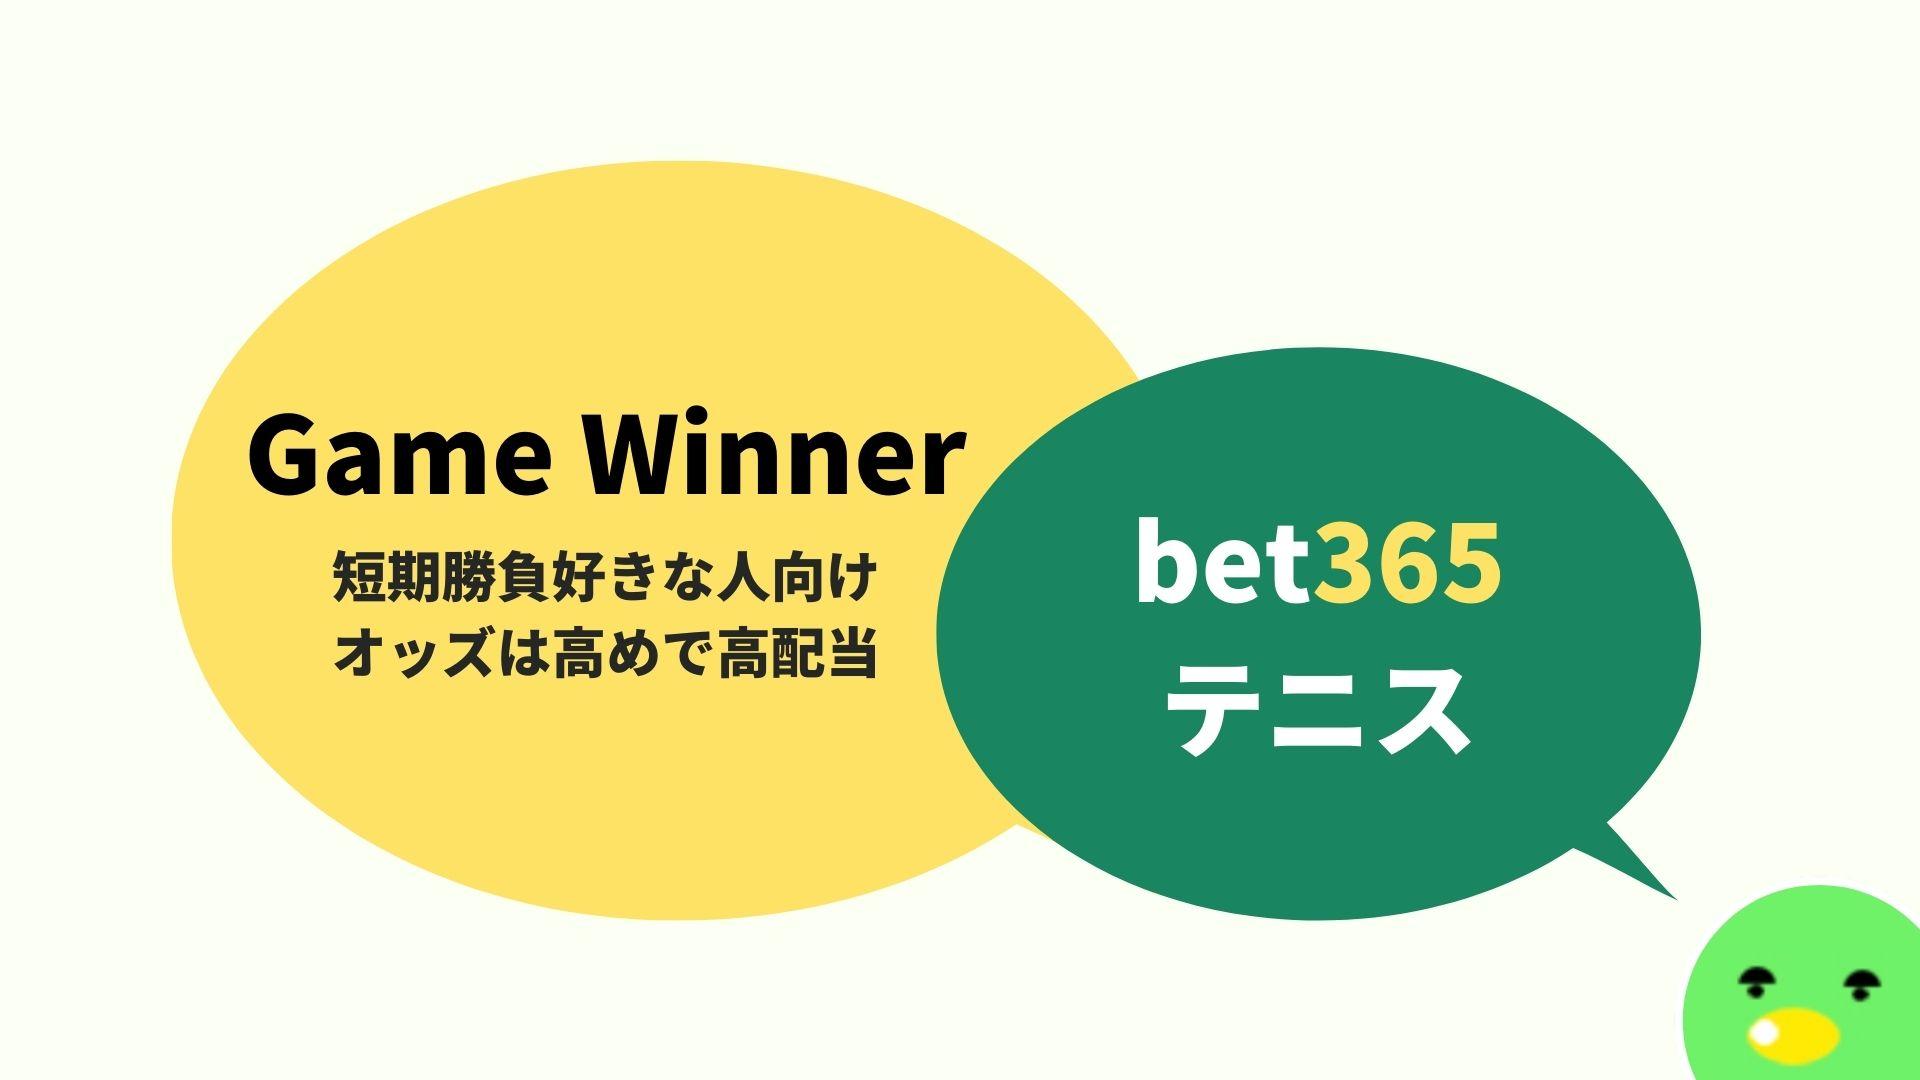 bet365のテニスオッズgamewinnerについて